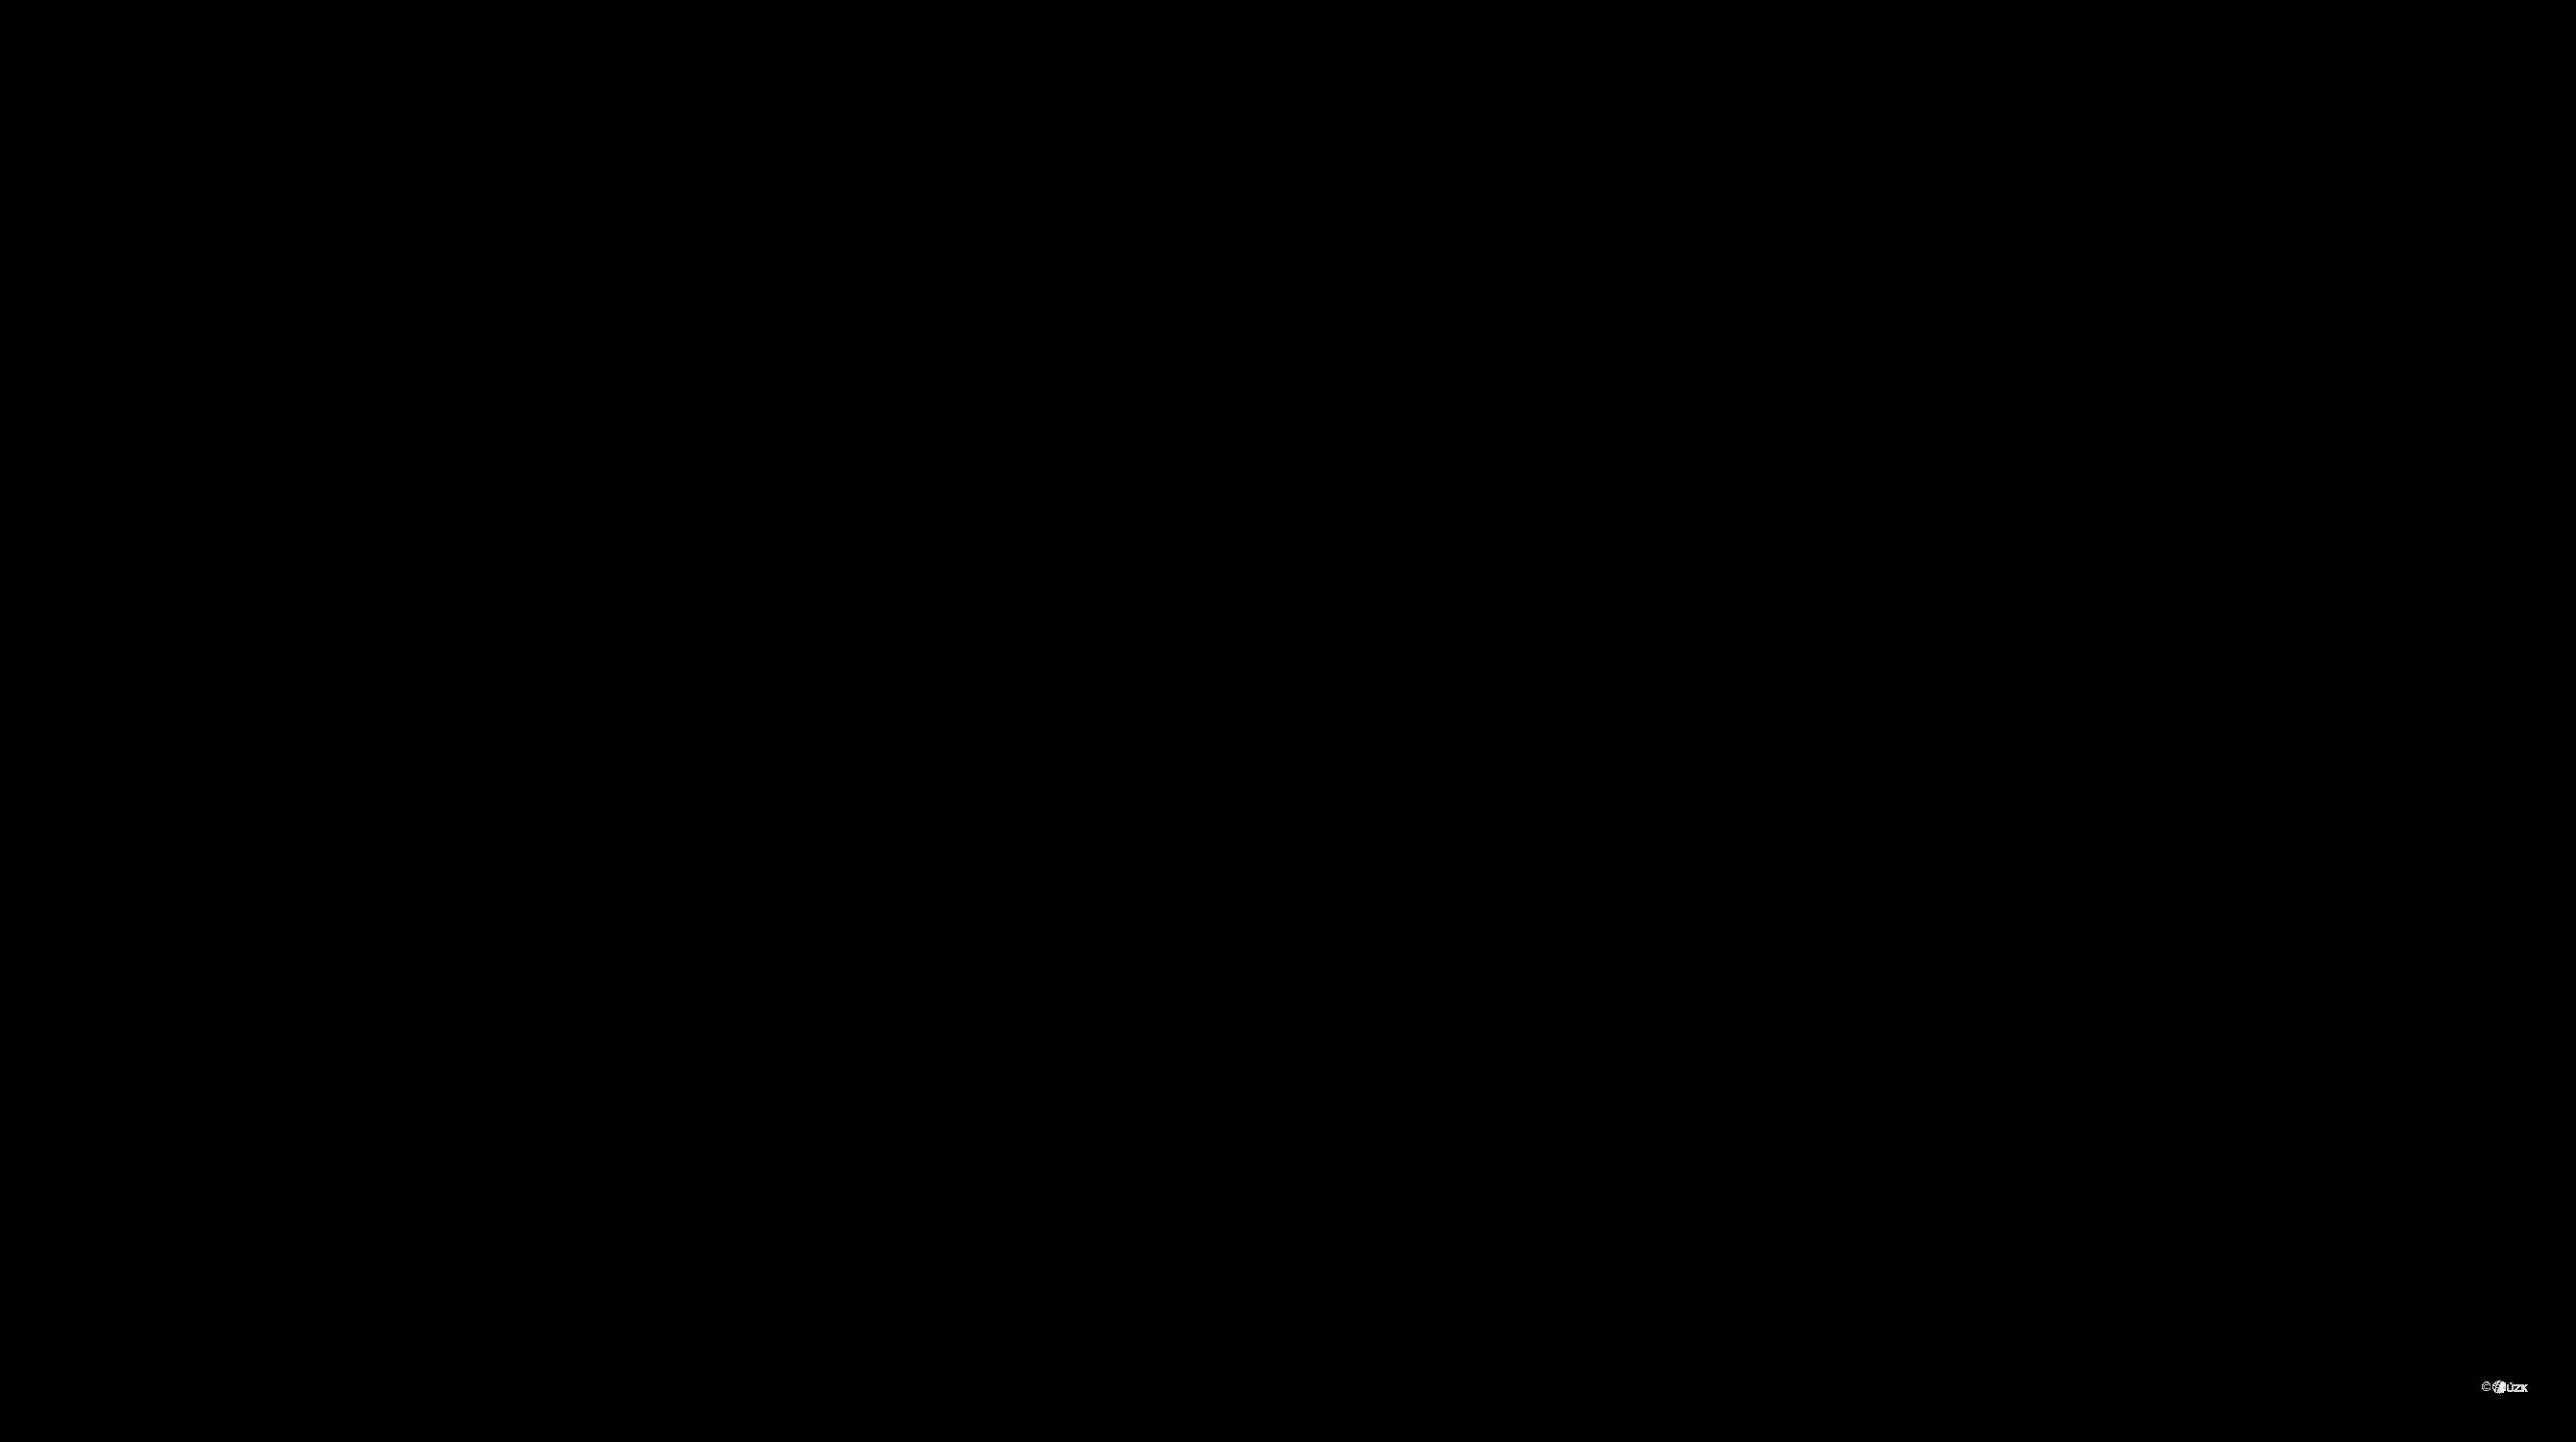 Katastrální mapa pozemků a čísla parcel Tušť